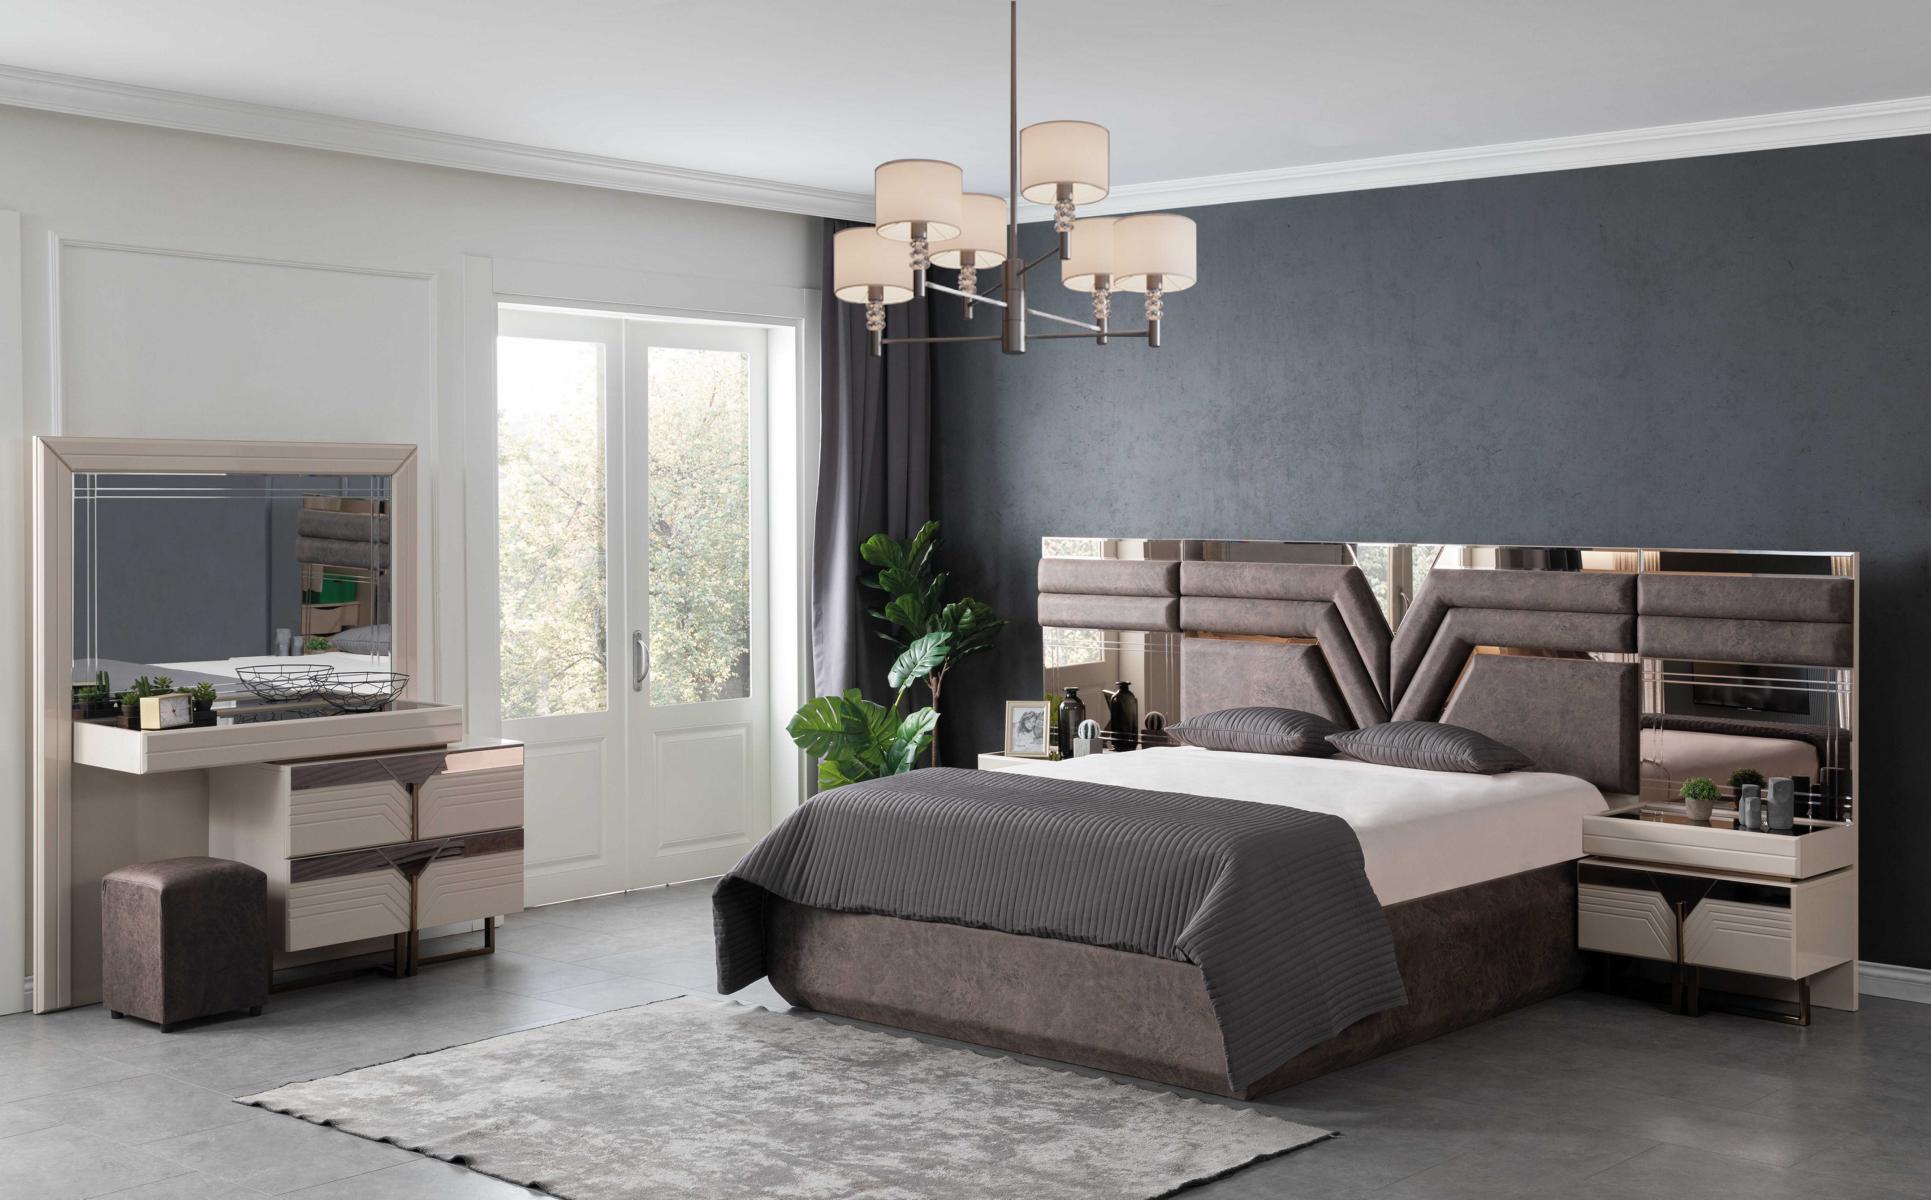 Lidya Schlafzimmer Set Collvan mit Bett in 180x200 cm